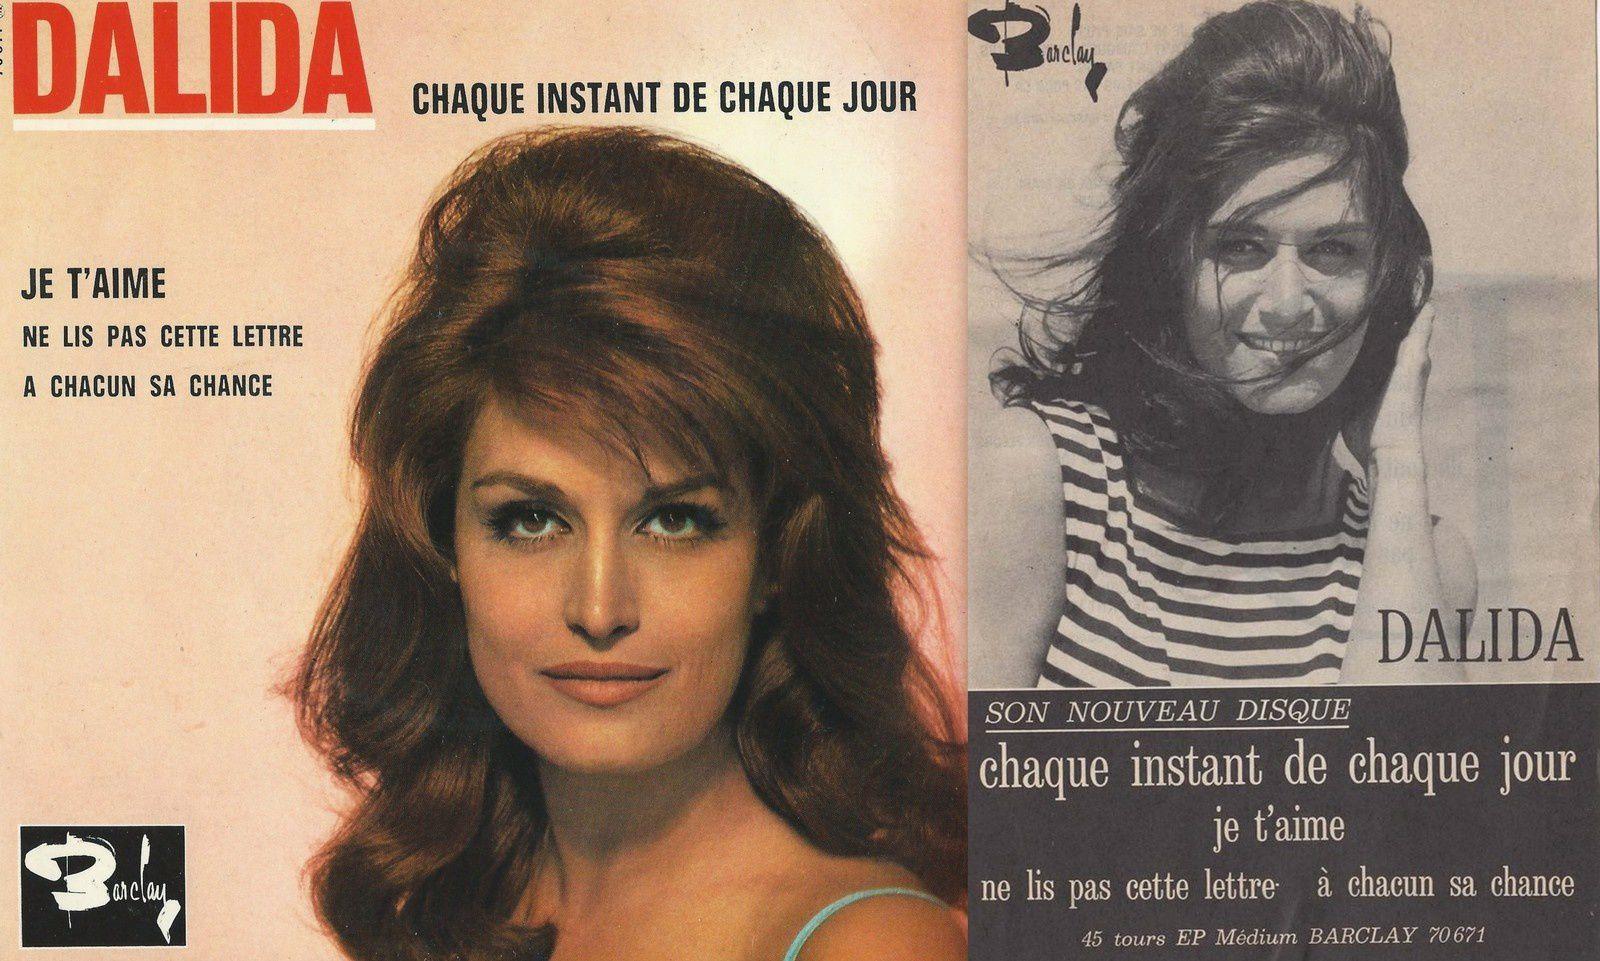 Le dernier EP 45 tours de la chanteuse ainsi que son affichette promotionnelle.